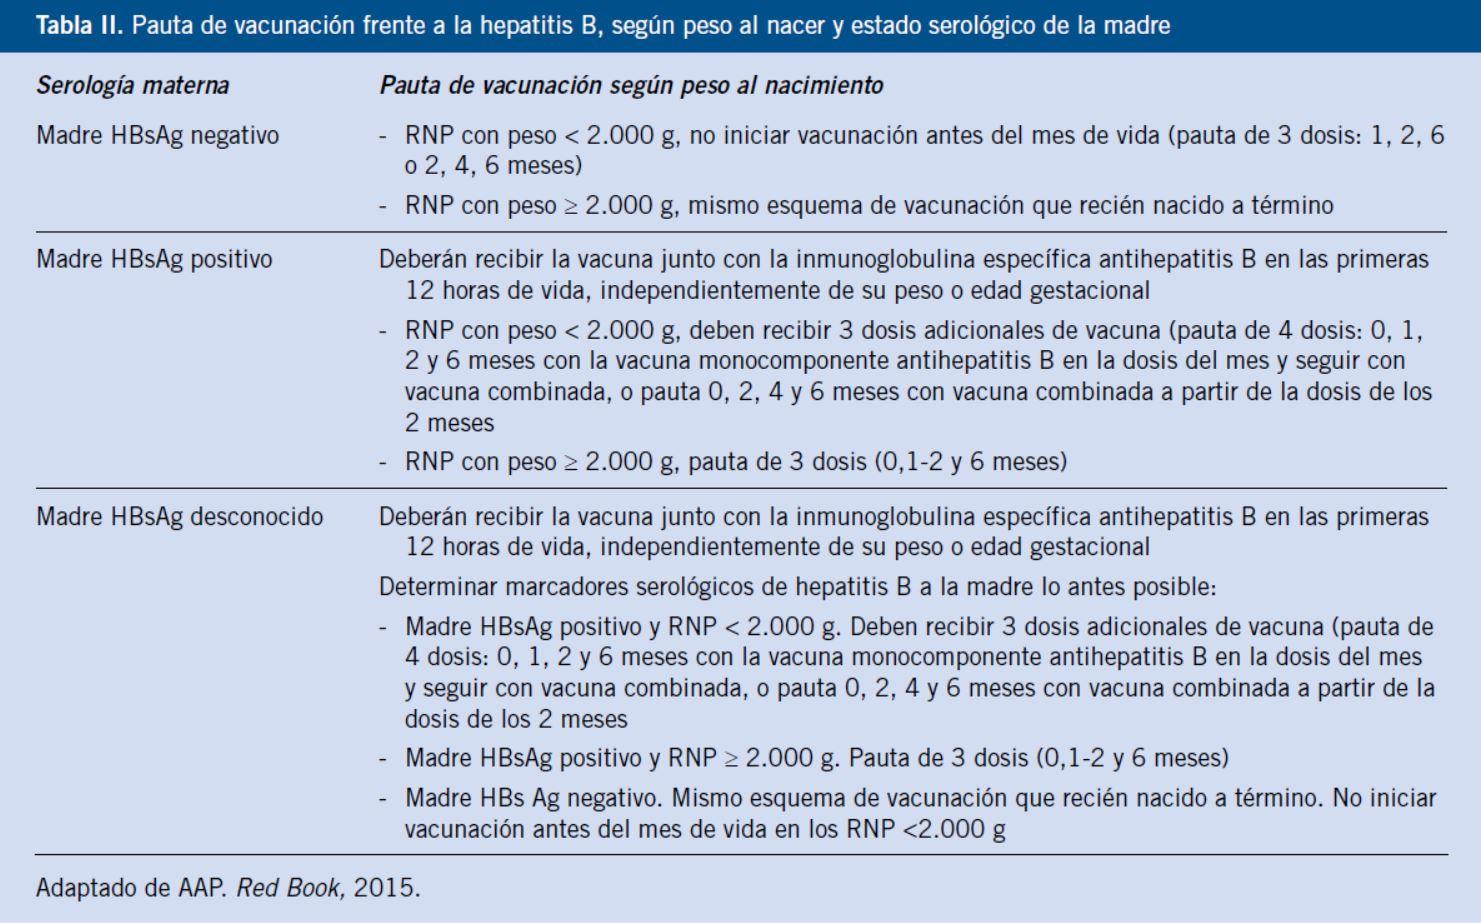 Residente de Pediatría del Hospital Universitario La Paz. **Residente